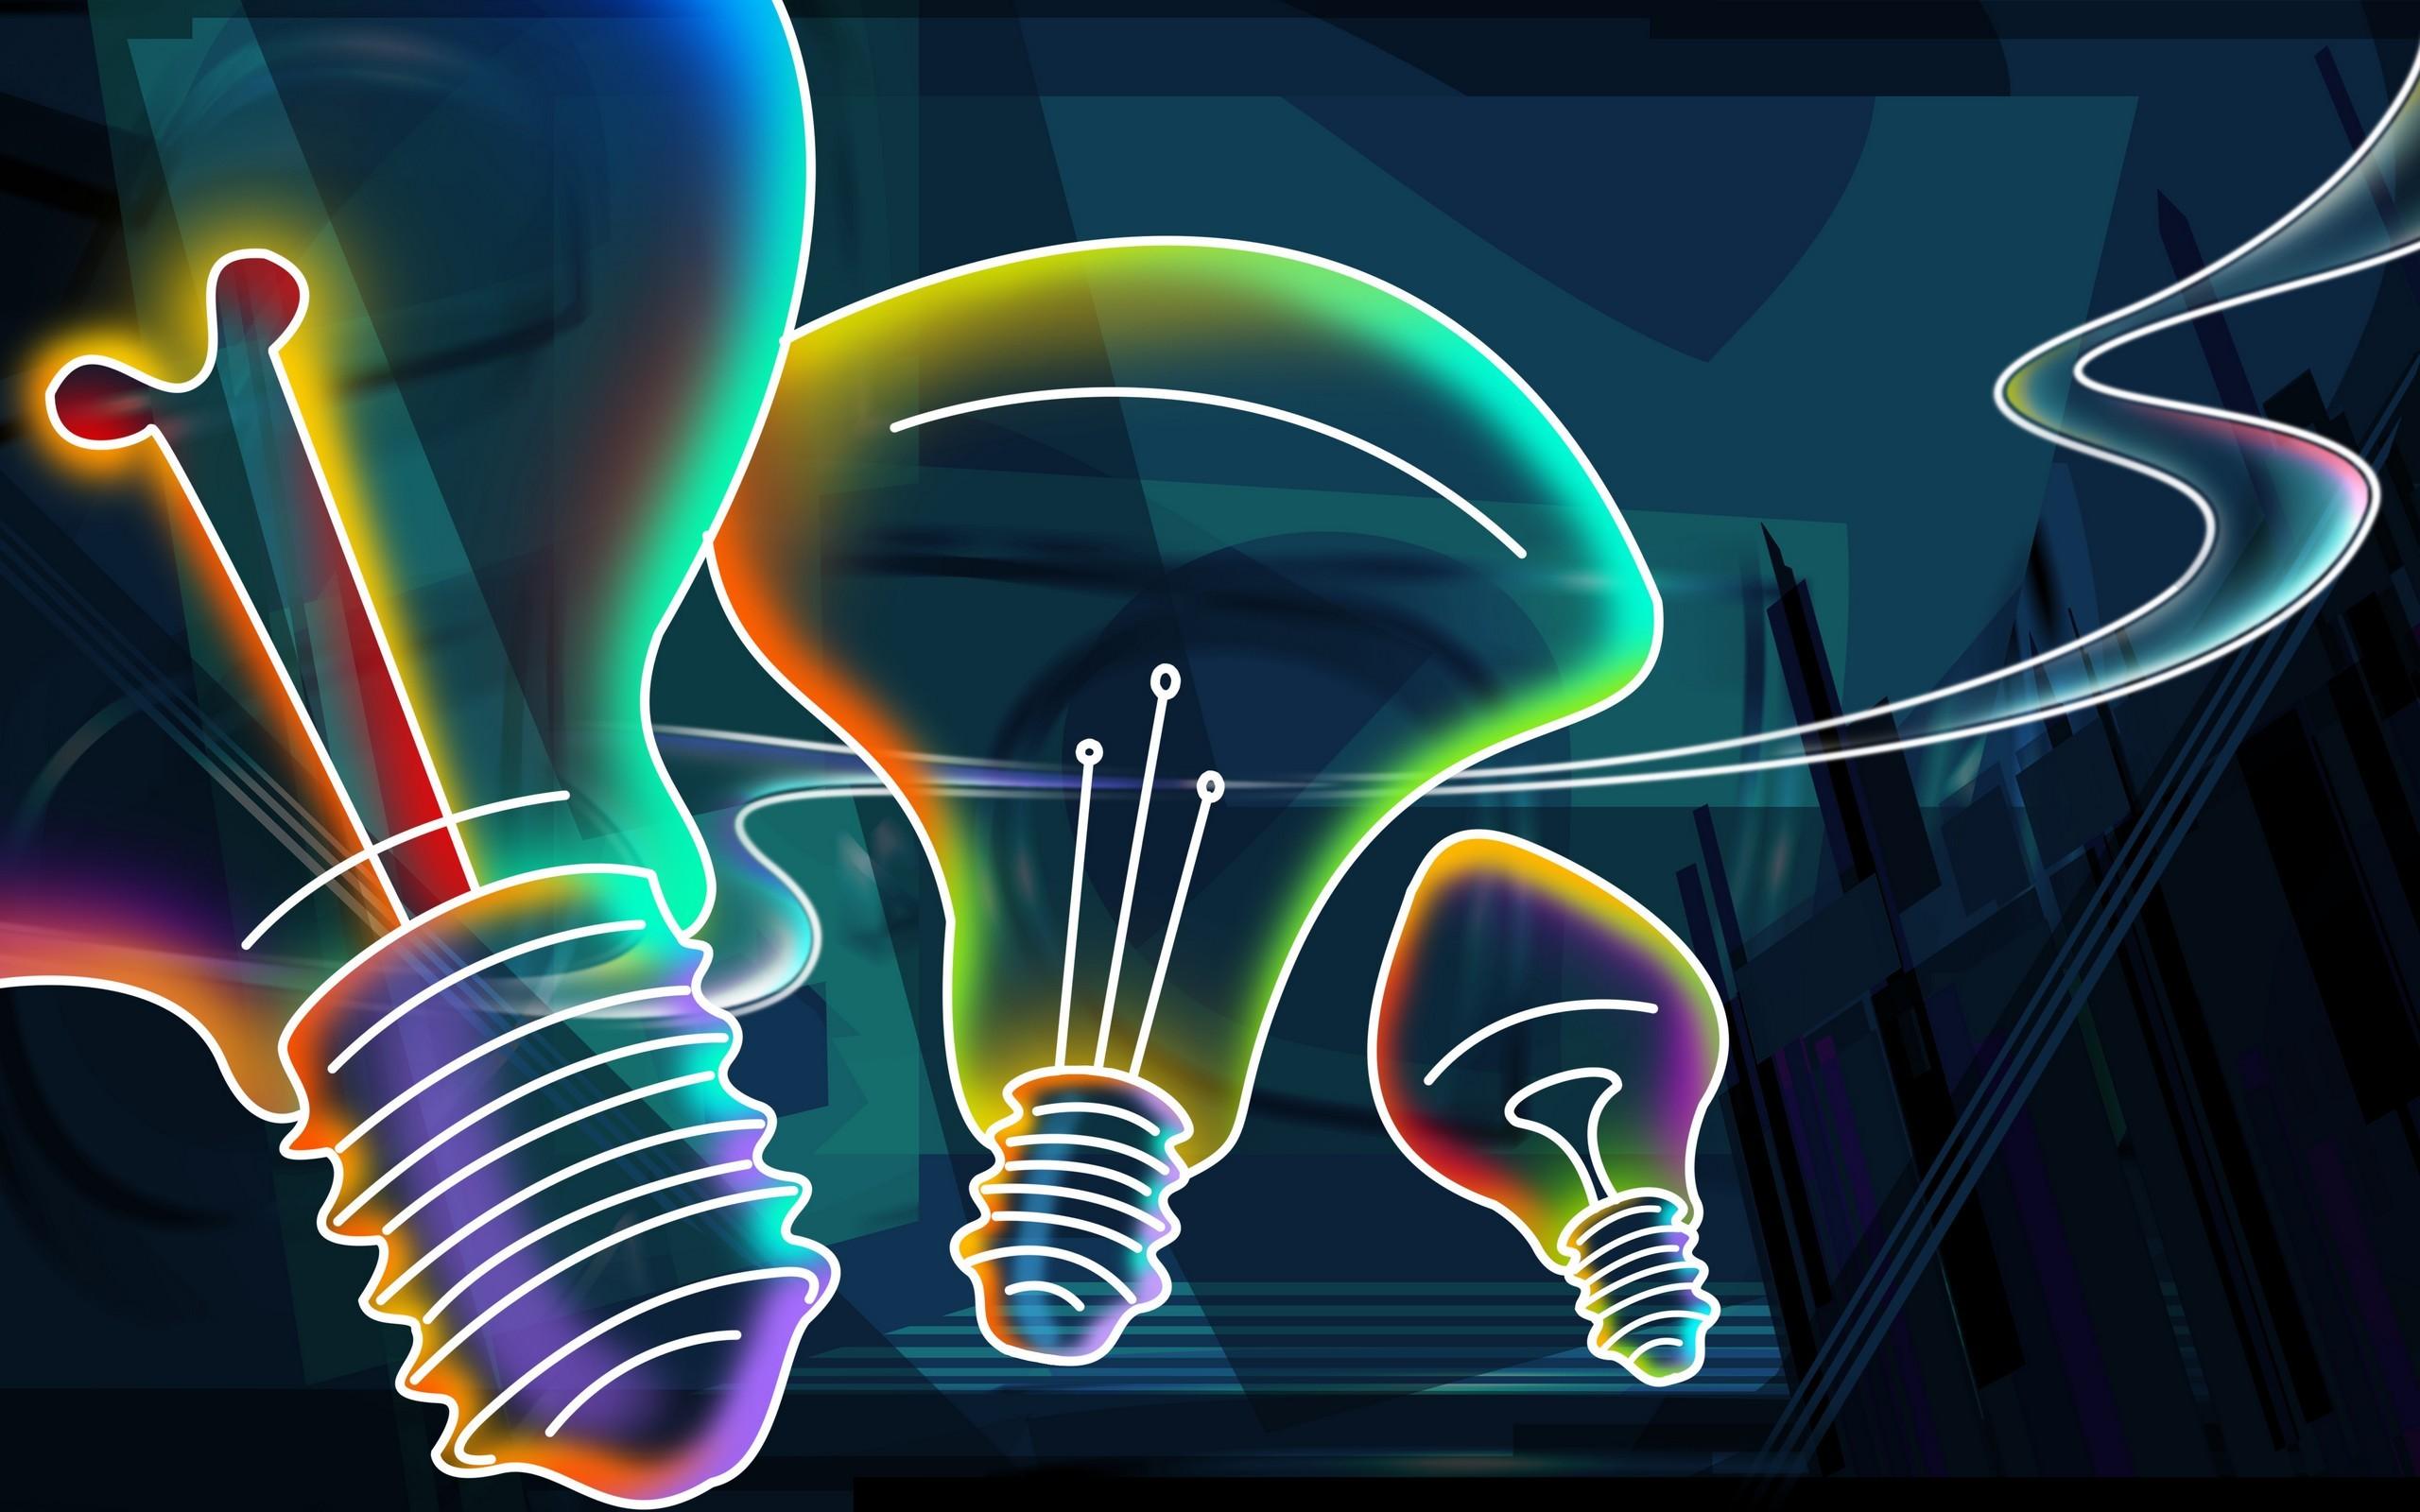 1920x1080 Neon Lights Surface Technology Desktop Background Wallpaper 1080p